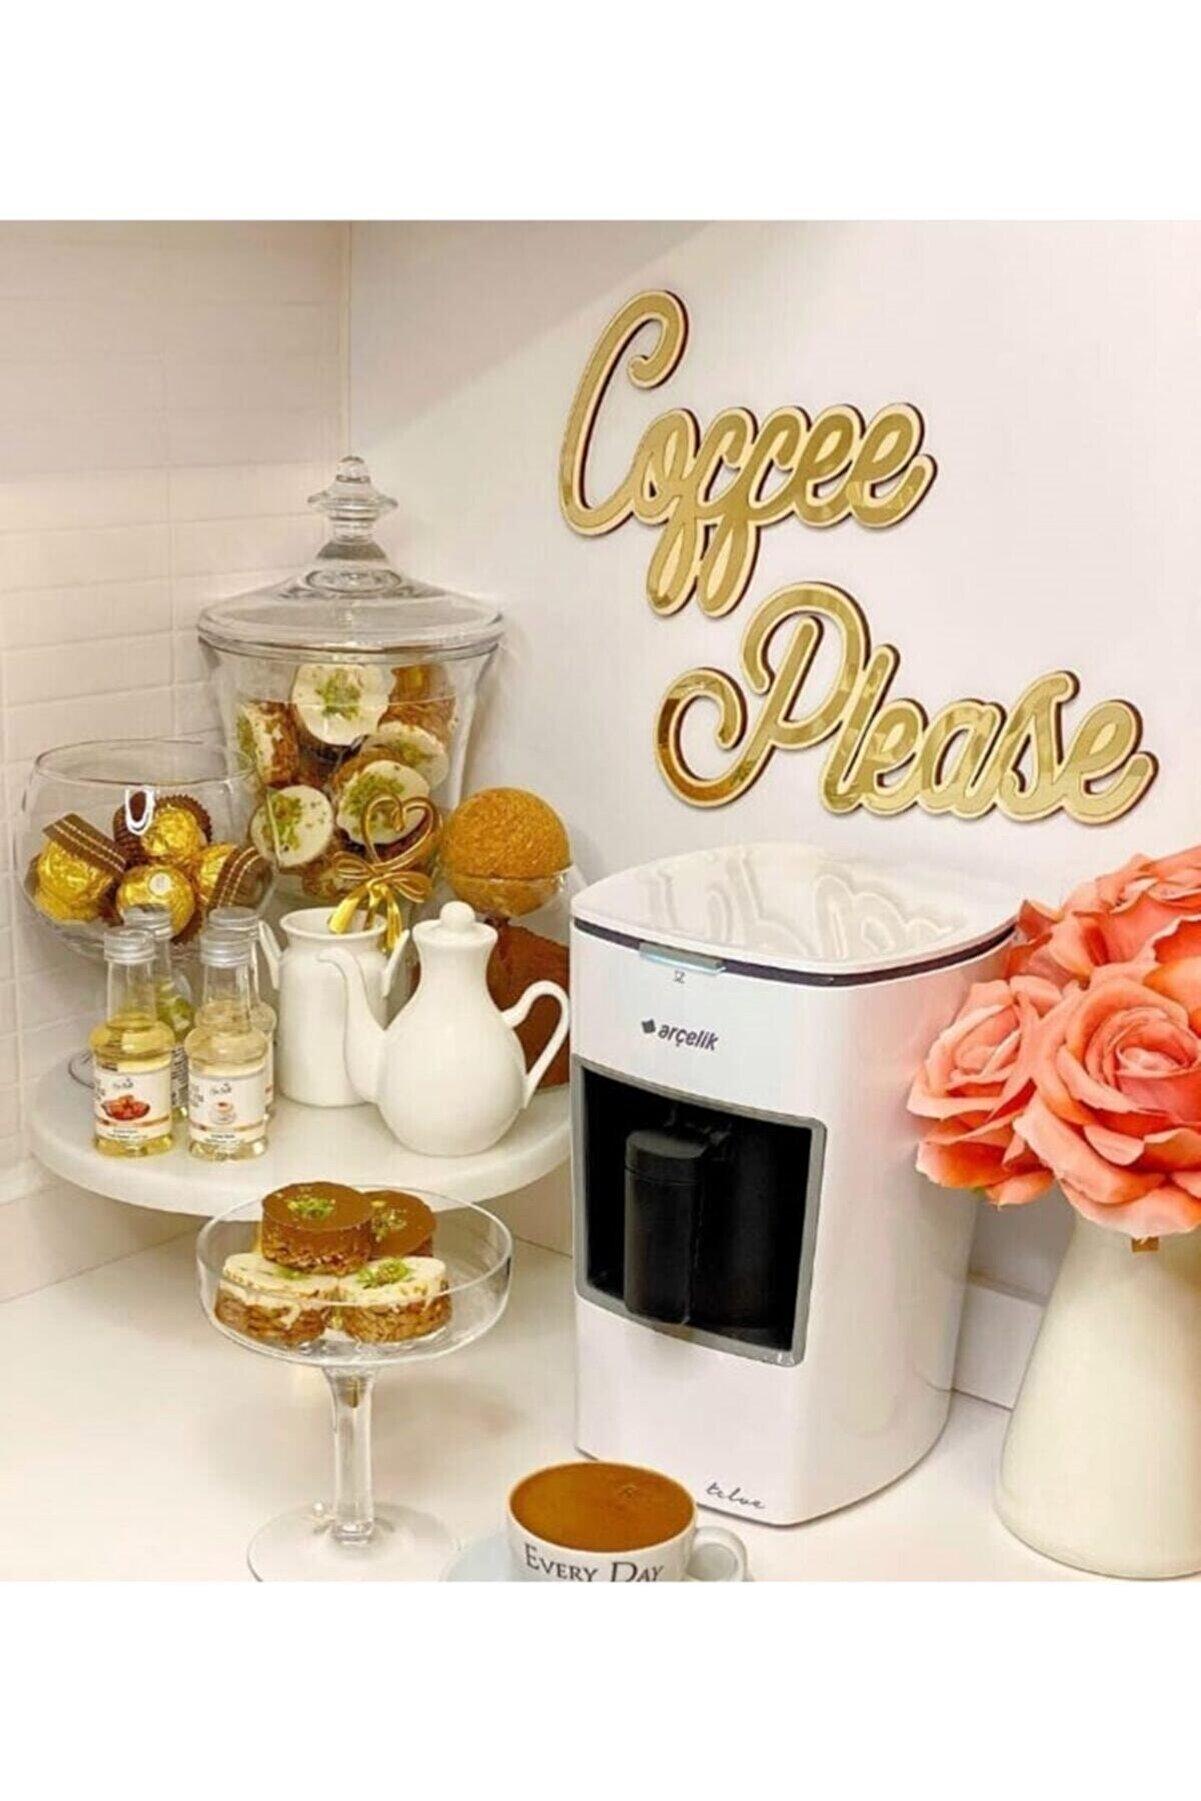 Sihirli Dolap Coffee Please Aynalı Gold Pleksi Duvar Yazısı Mutfak Dekoru